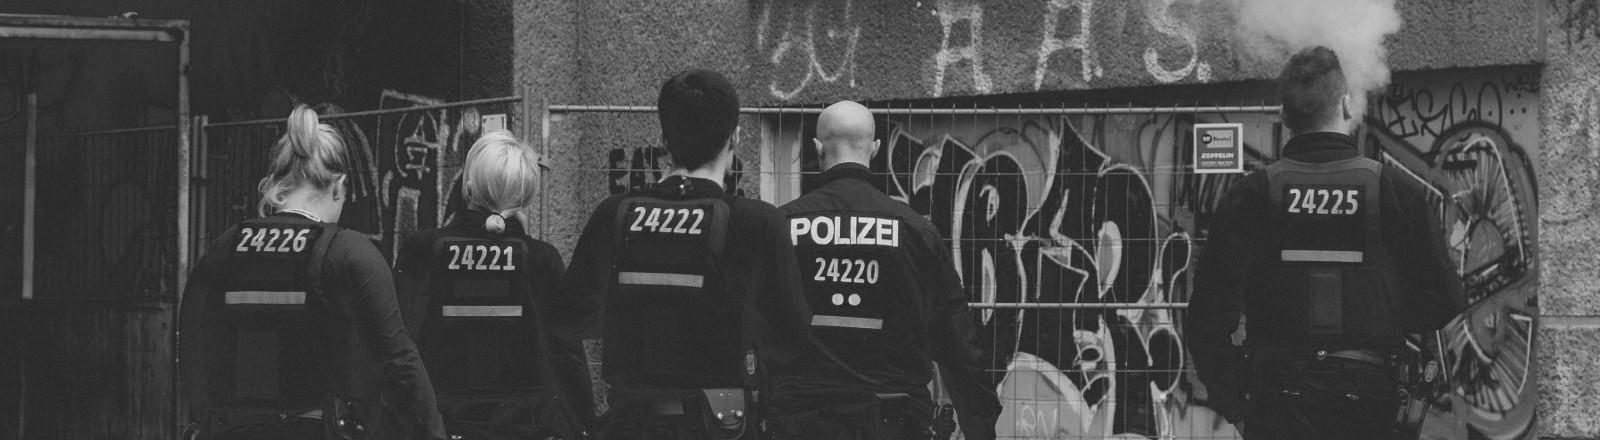 Fünf Polizisten sind von hinten zu sehen, wie sie auf einer Straße in Berlin laufen.